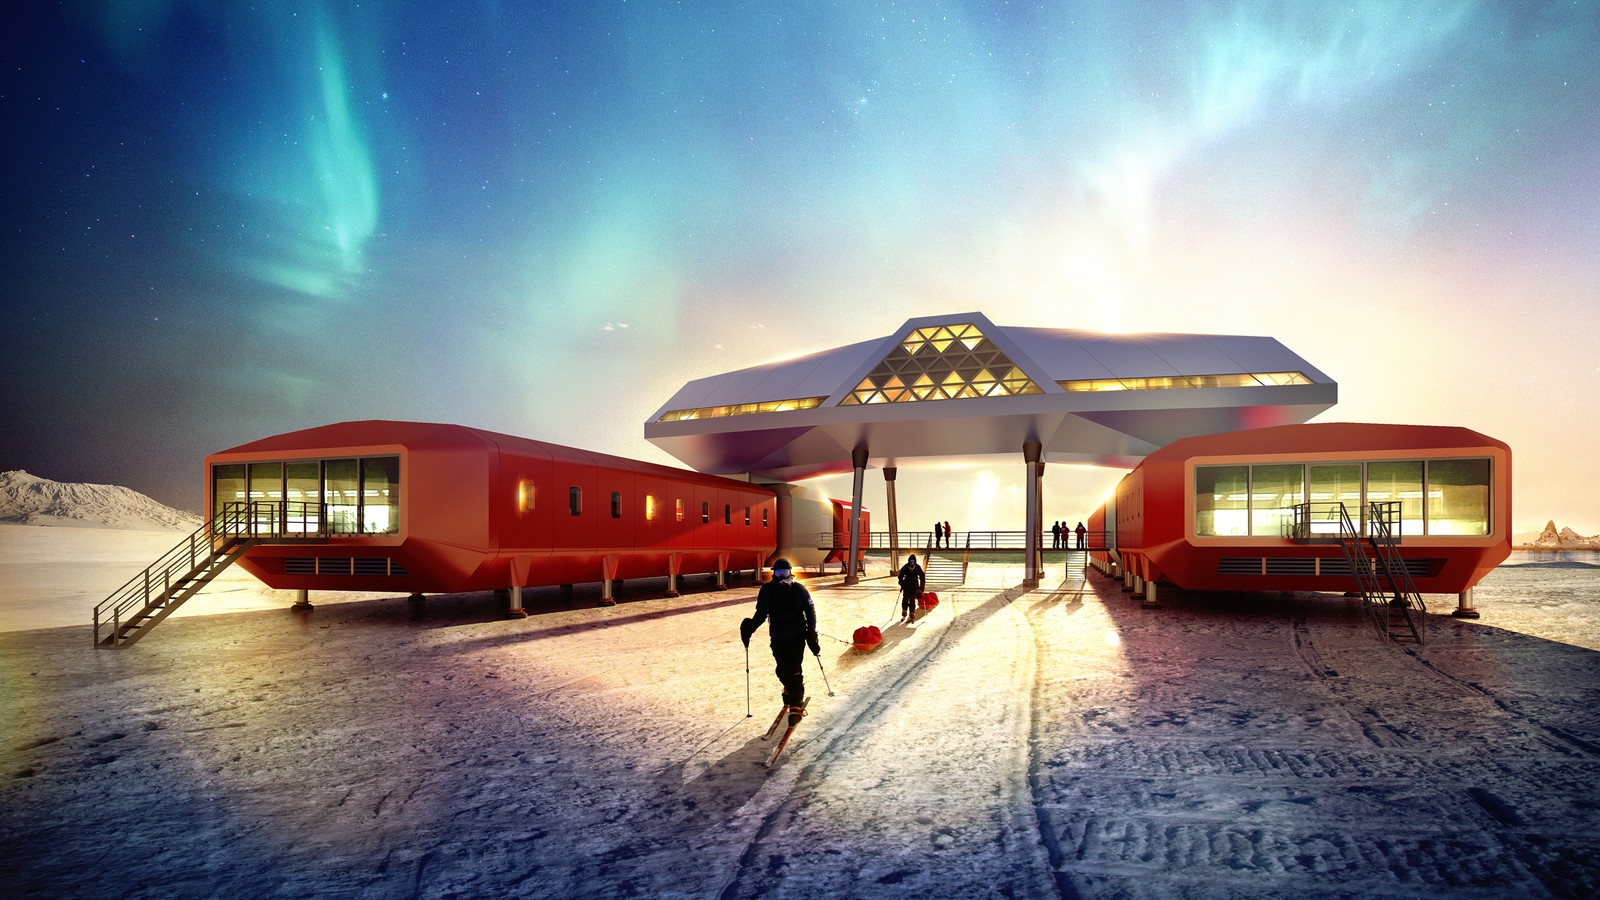 Jang Bogo Korean Antarctic Research Station 2